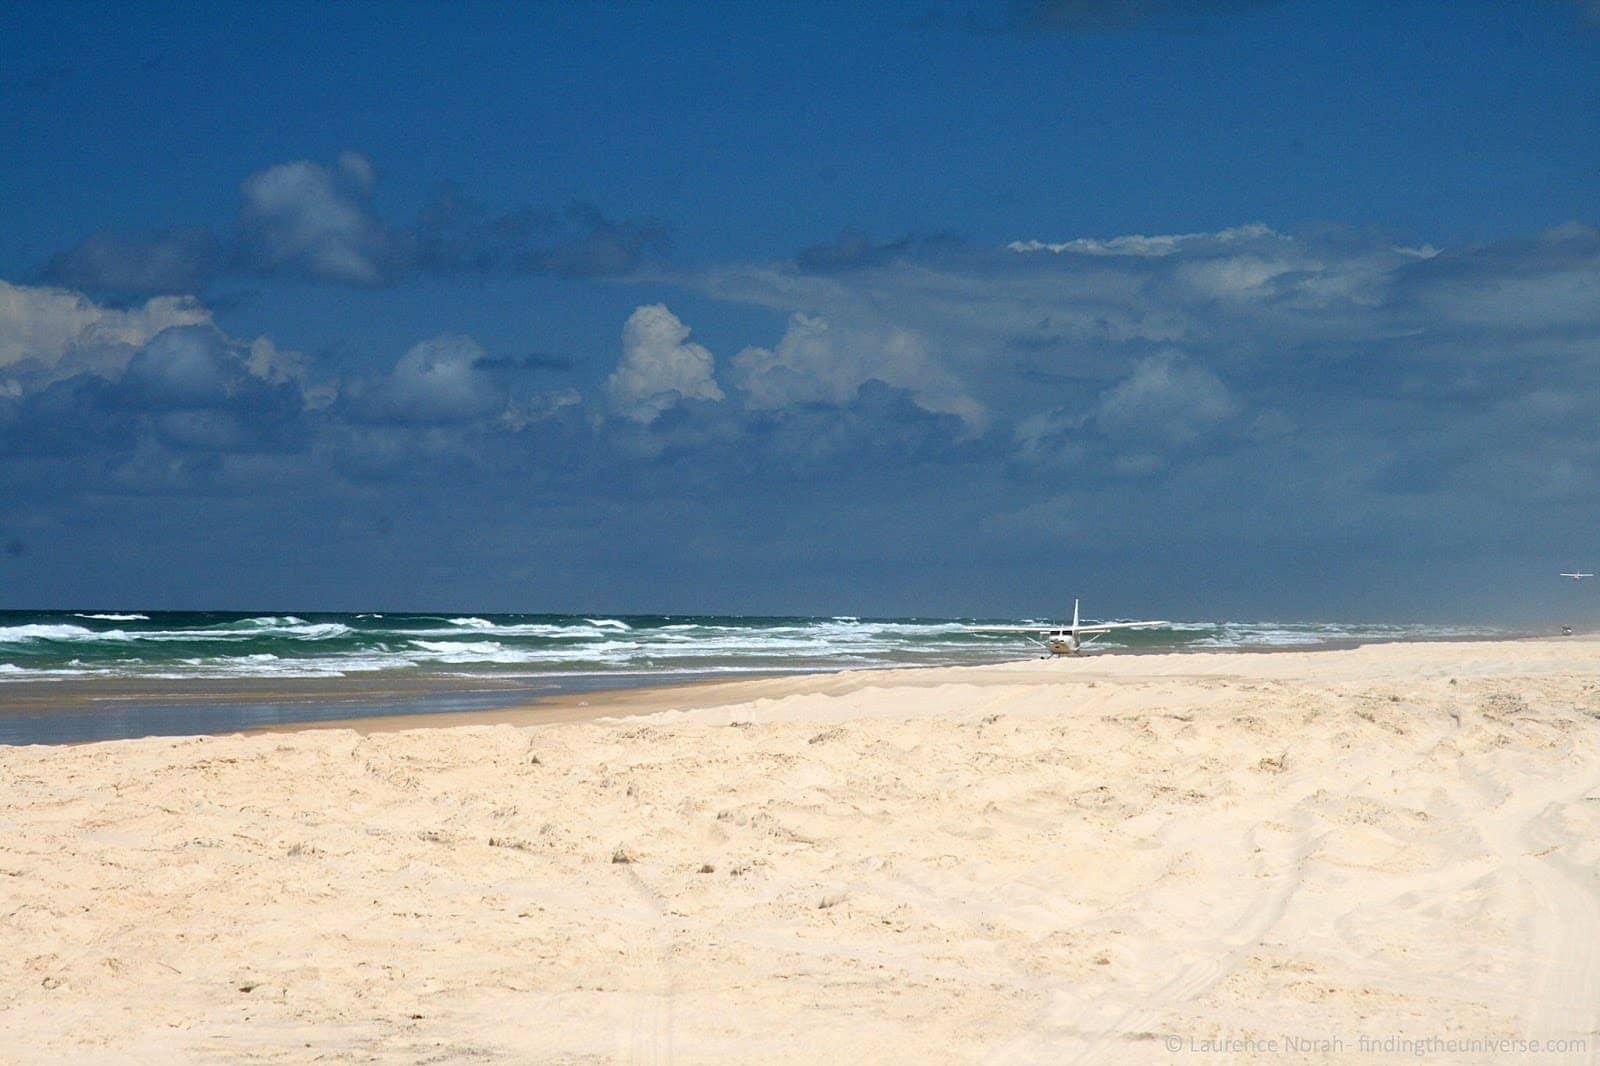 Plane landing on beach Fraser Island Australia.png